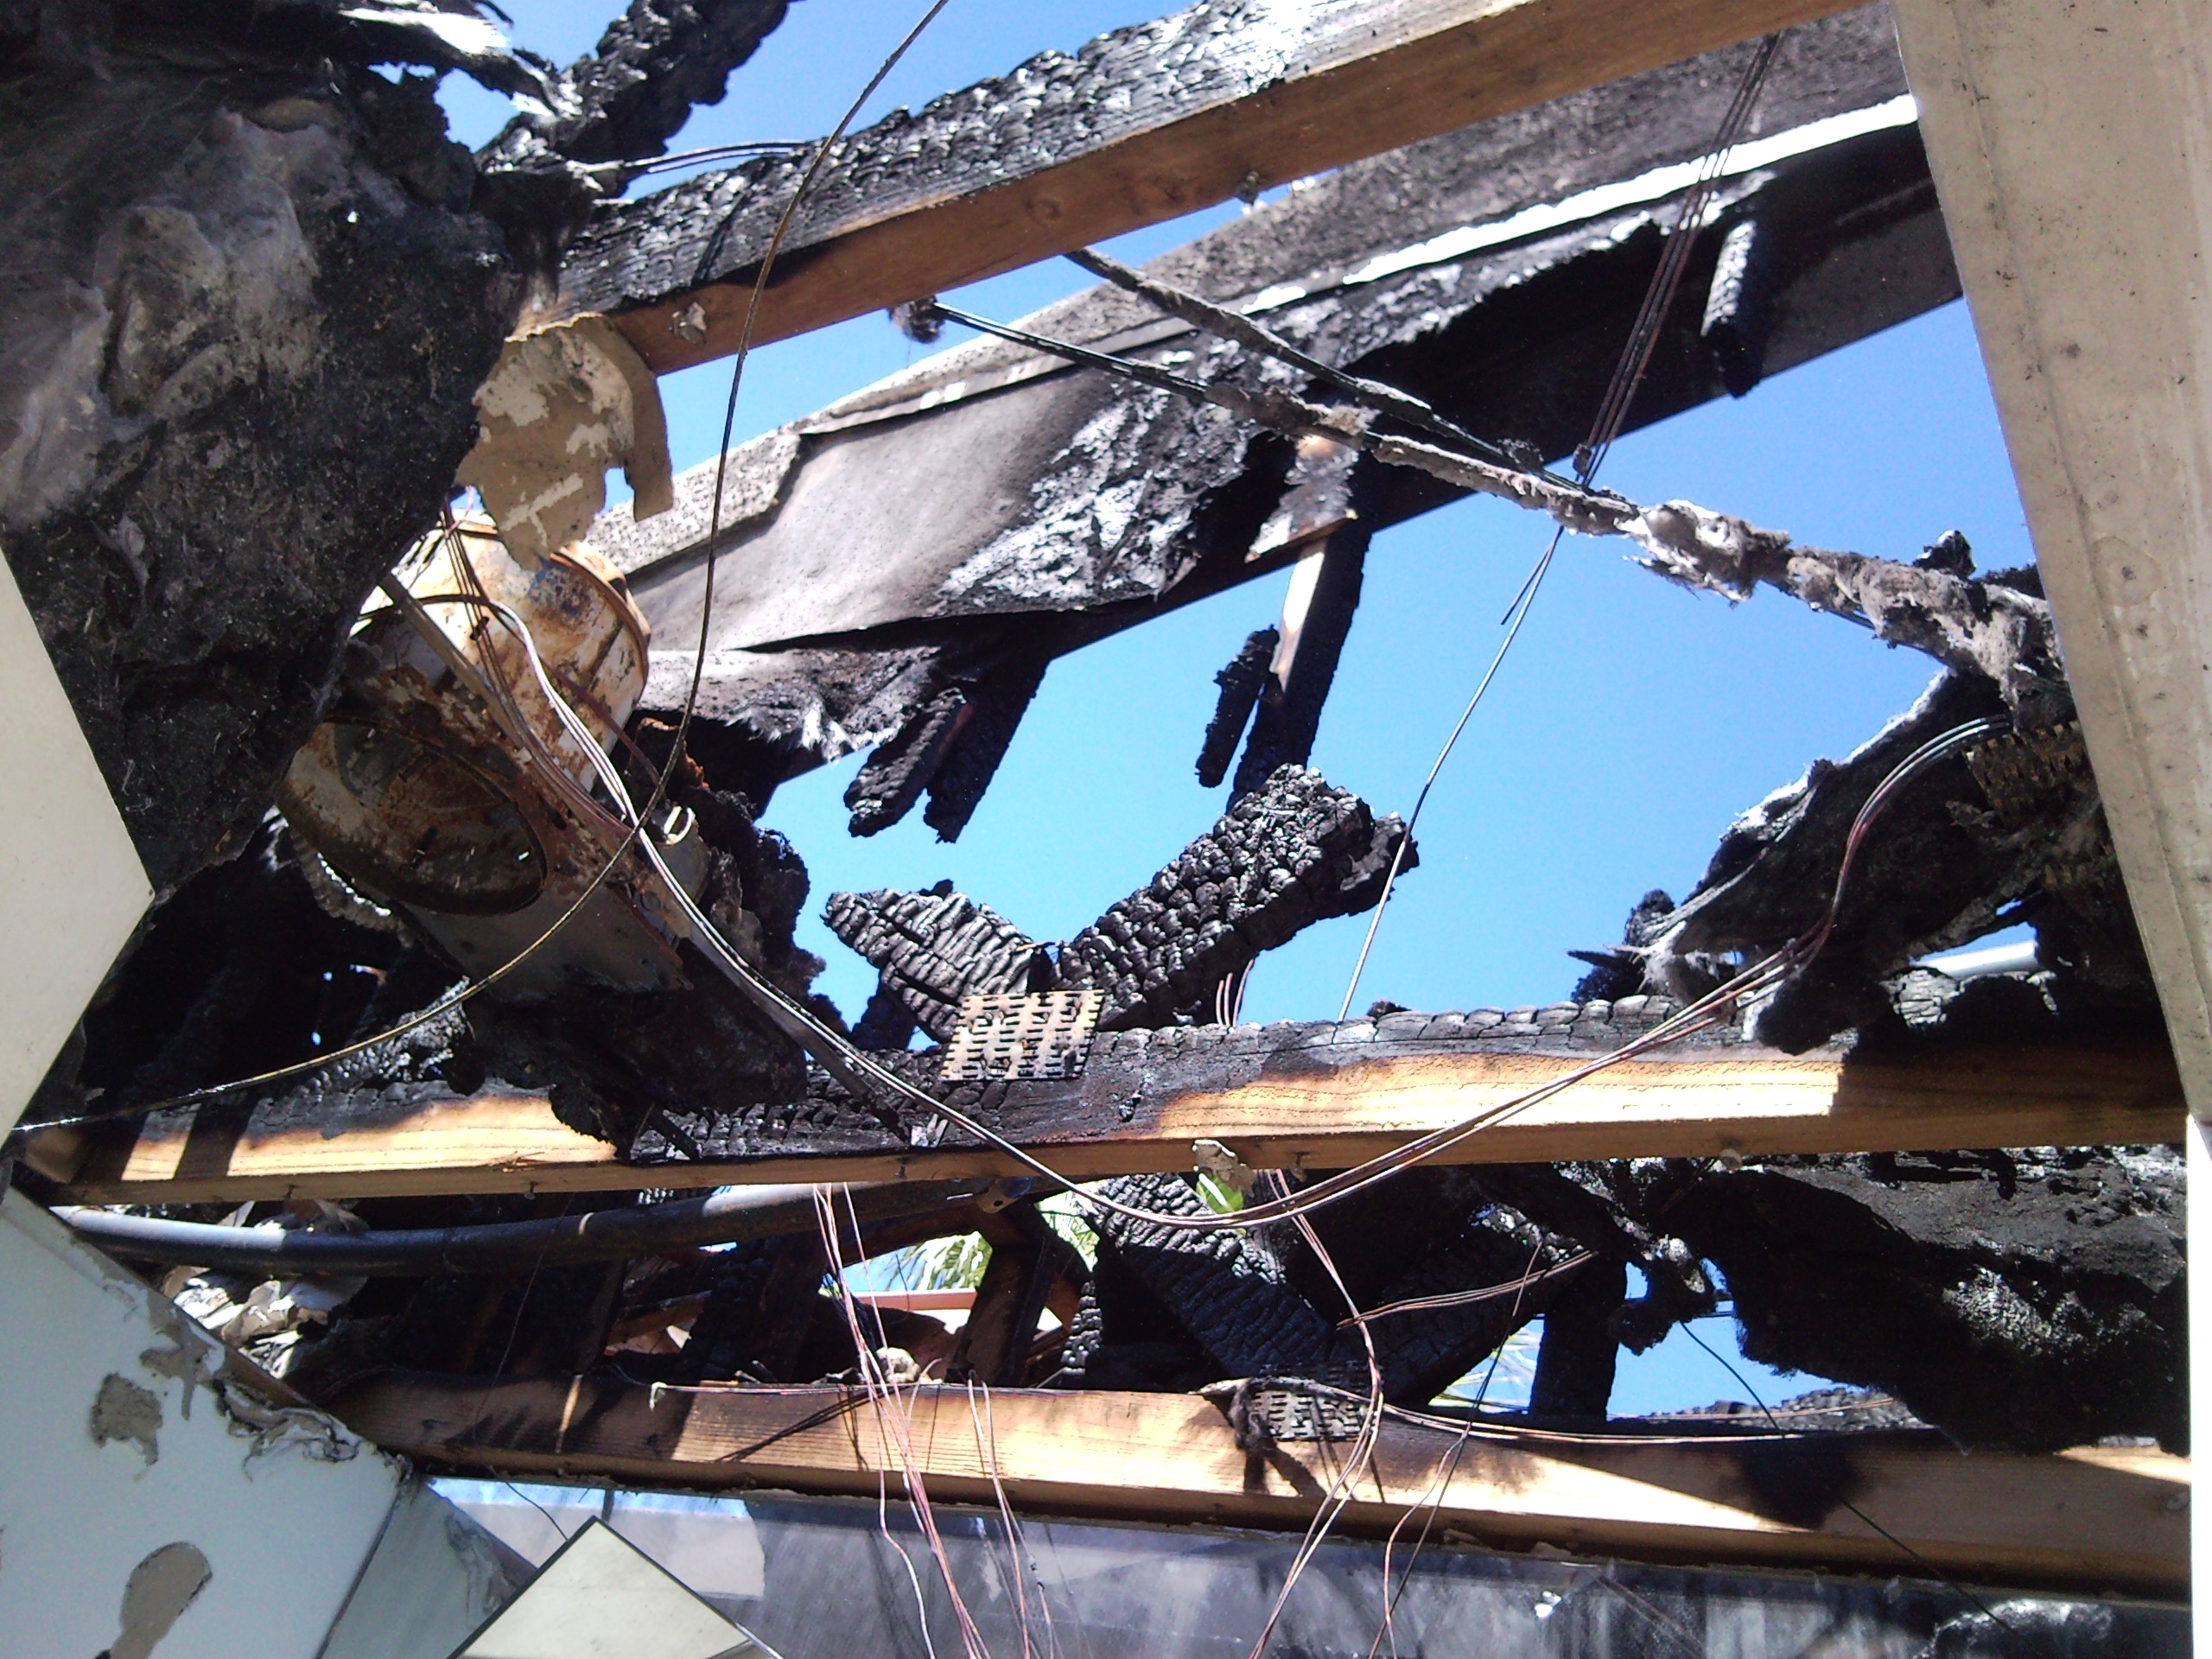 Fire Damage Assessment 3